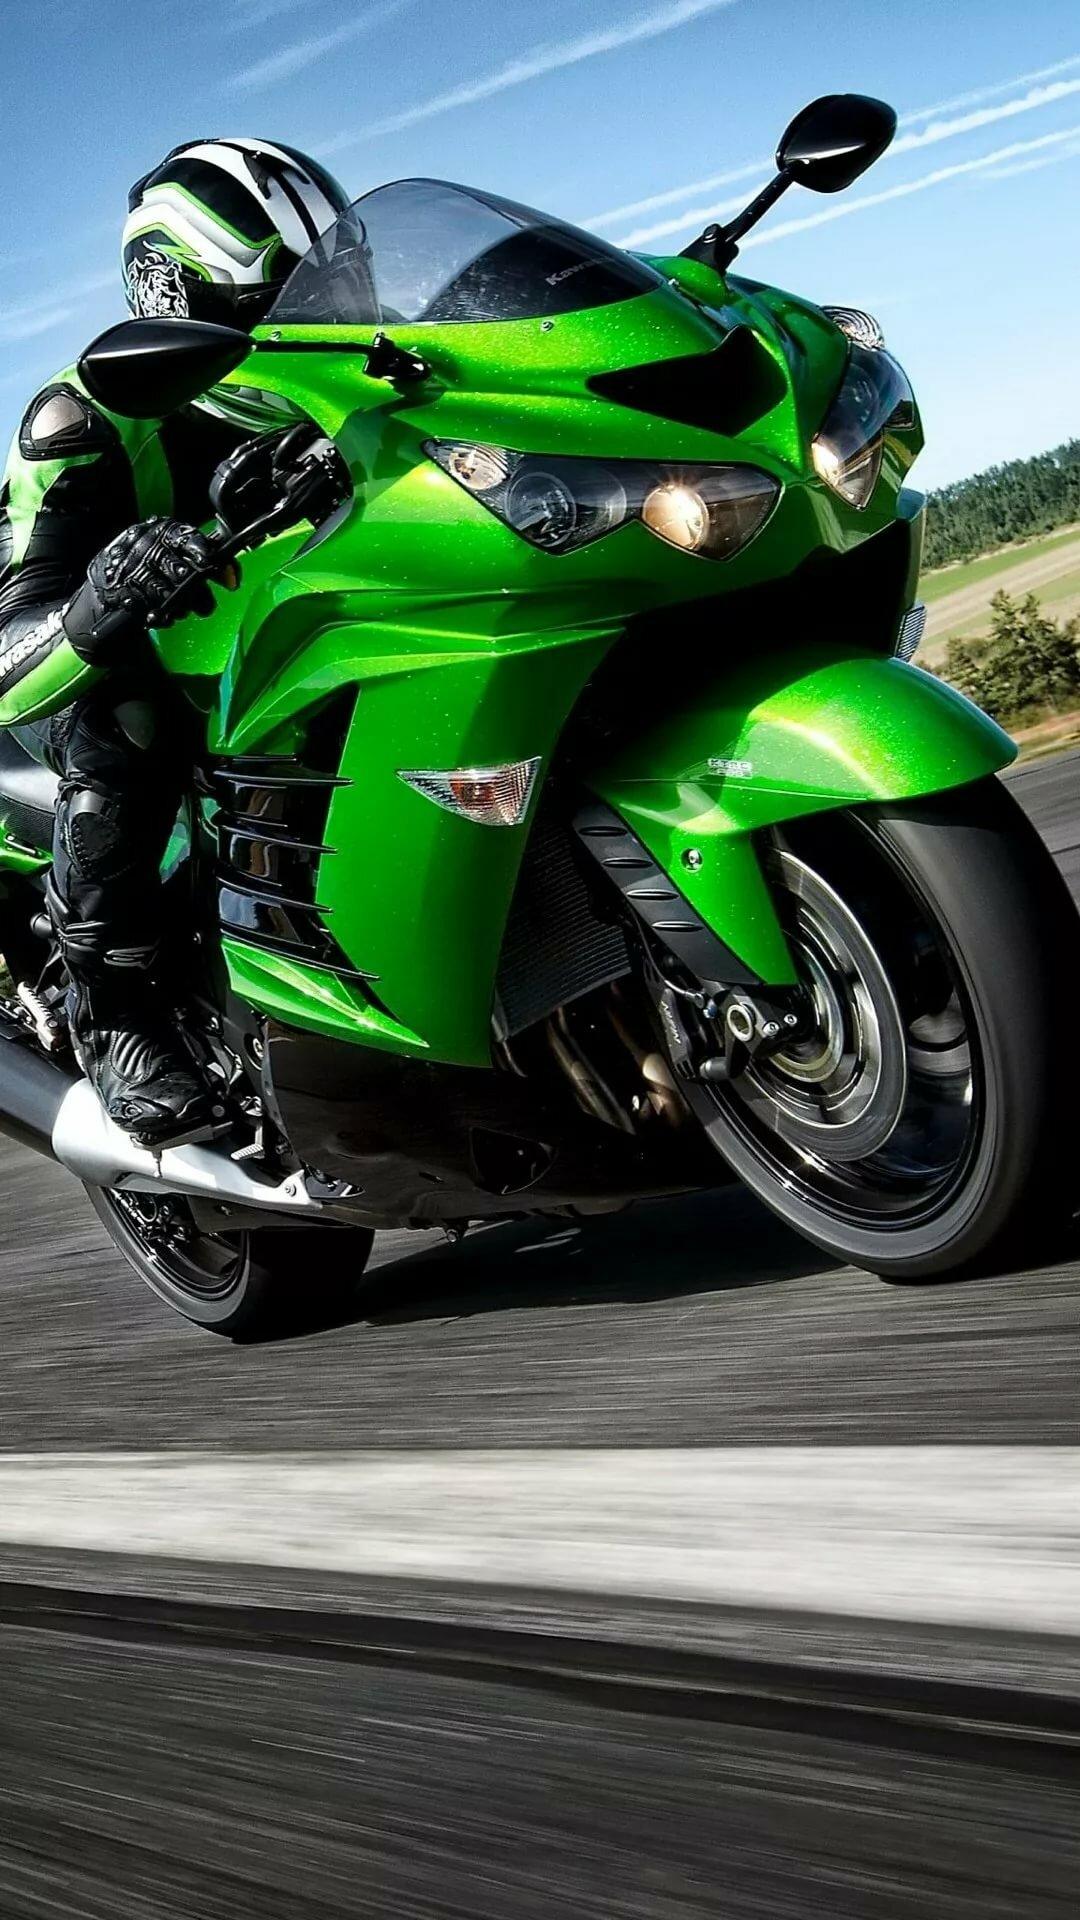 первом картинки с мотоциклами на телефон время движения повороте